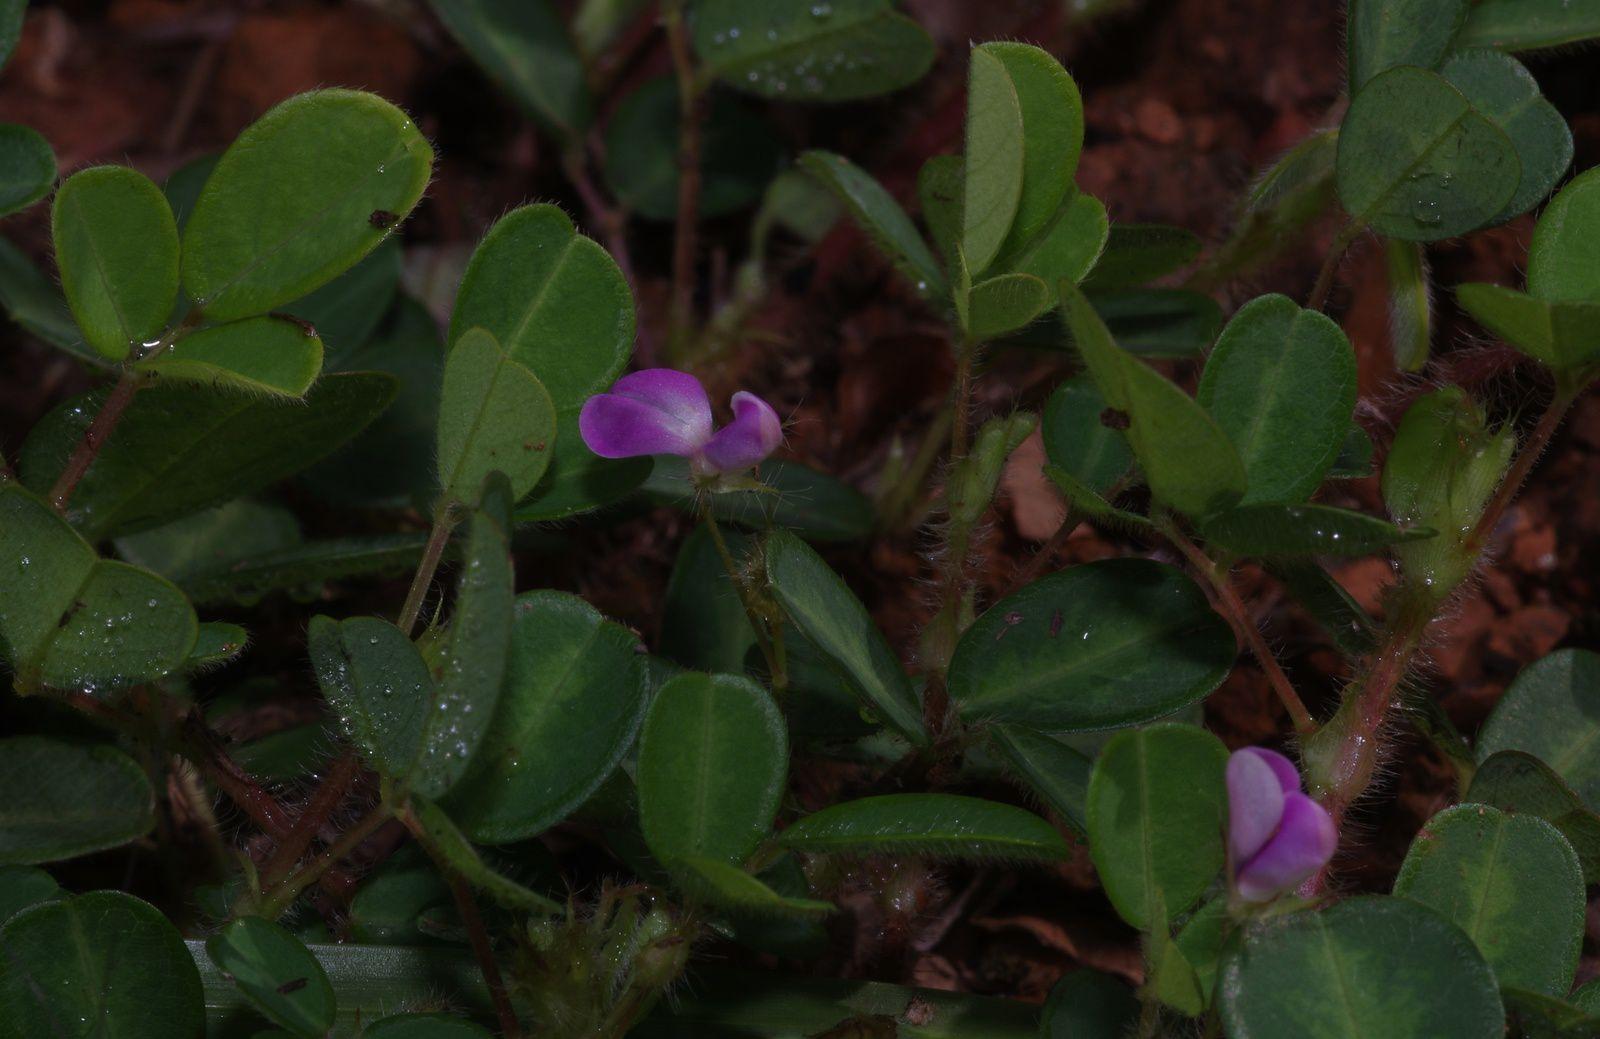 Desmodium heterophyllum